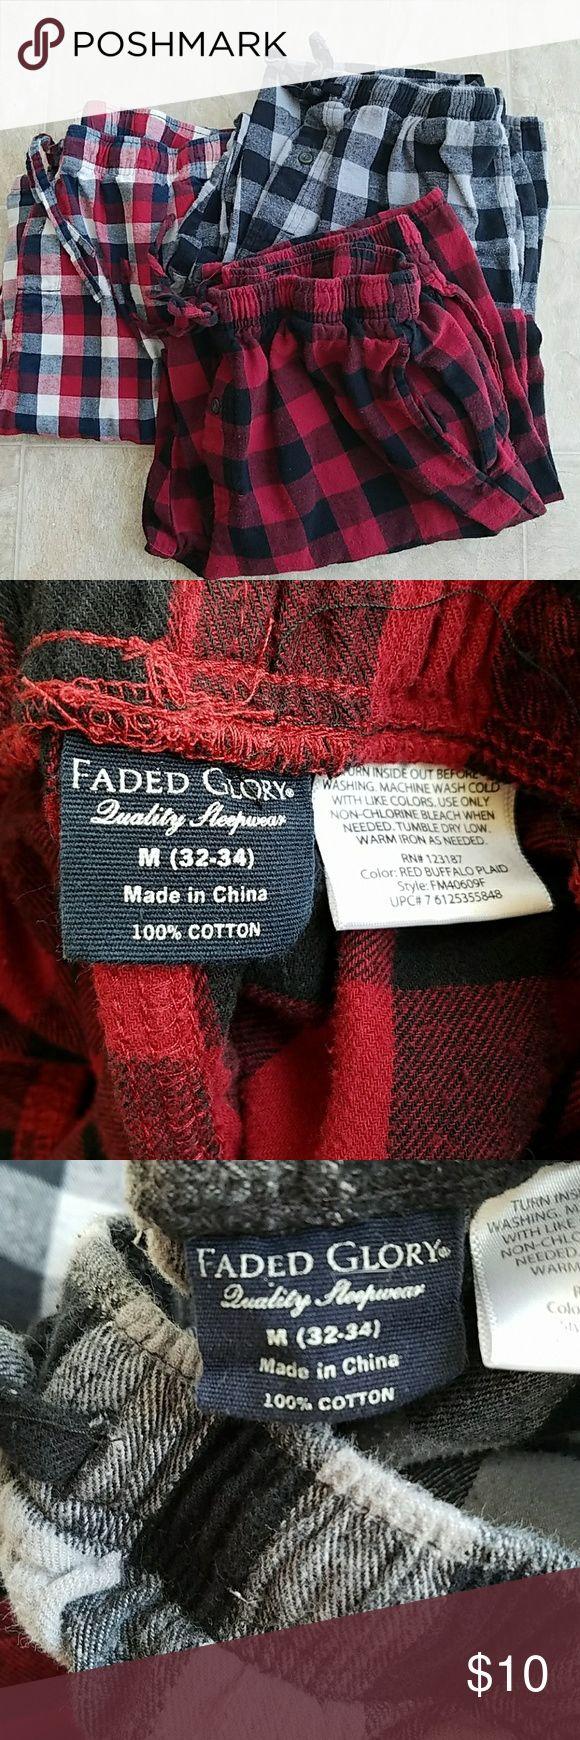 Lot of 3 Men's flannel pajama pants 3 pair of men's size medium flannel pajama pants Pants